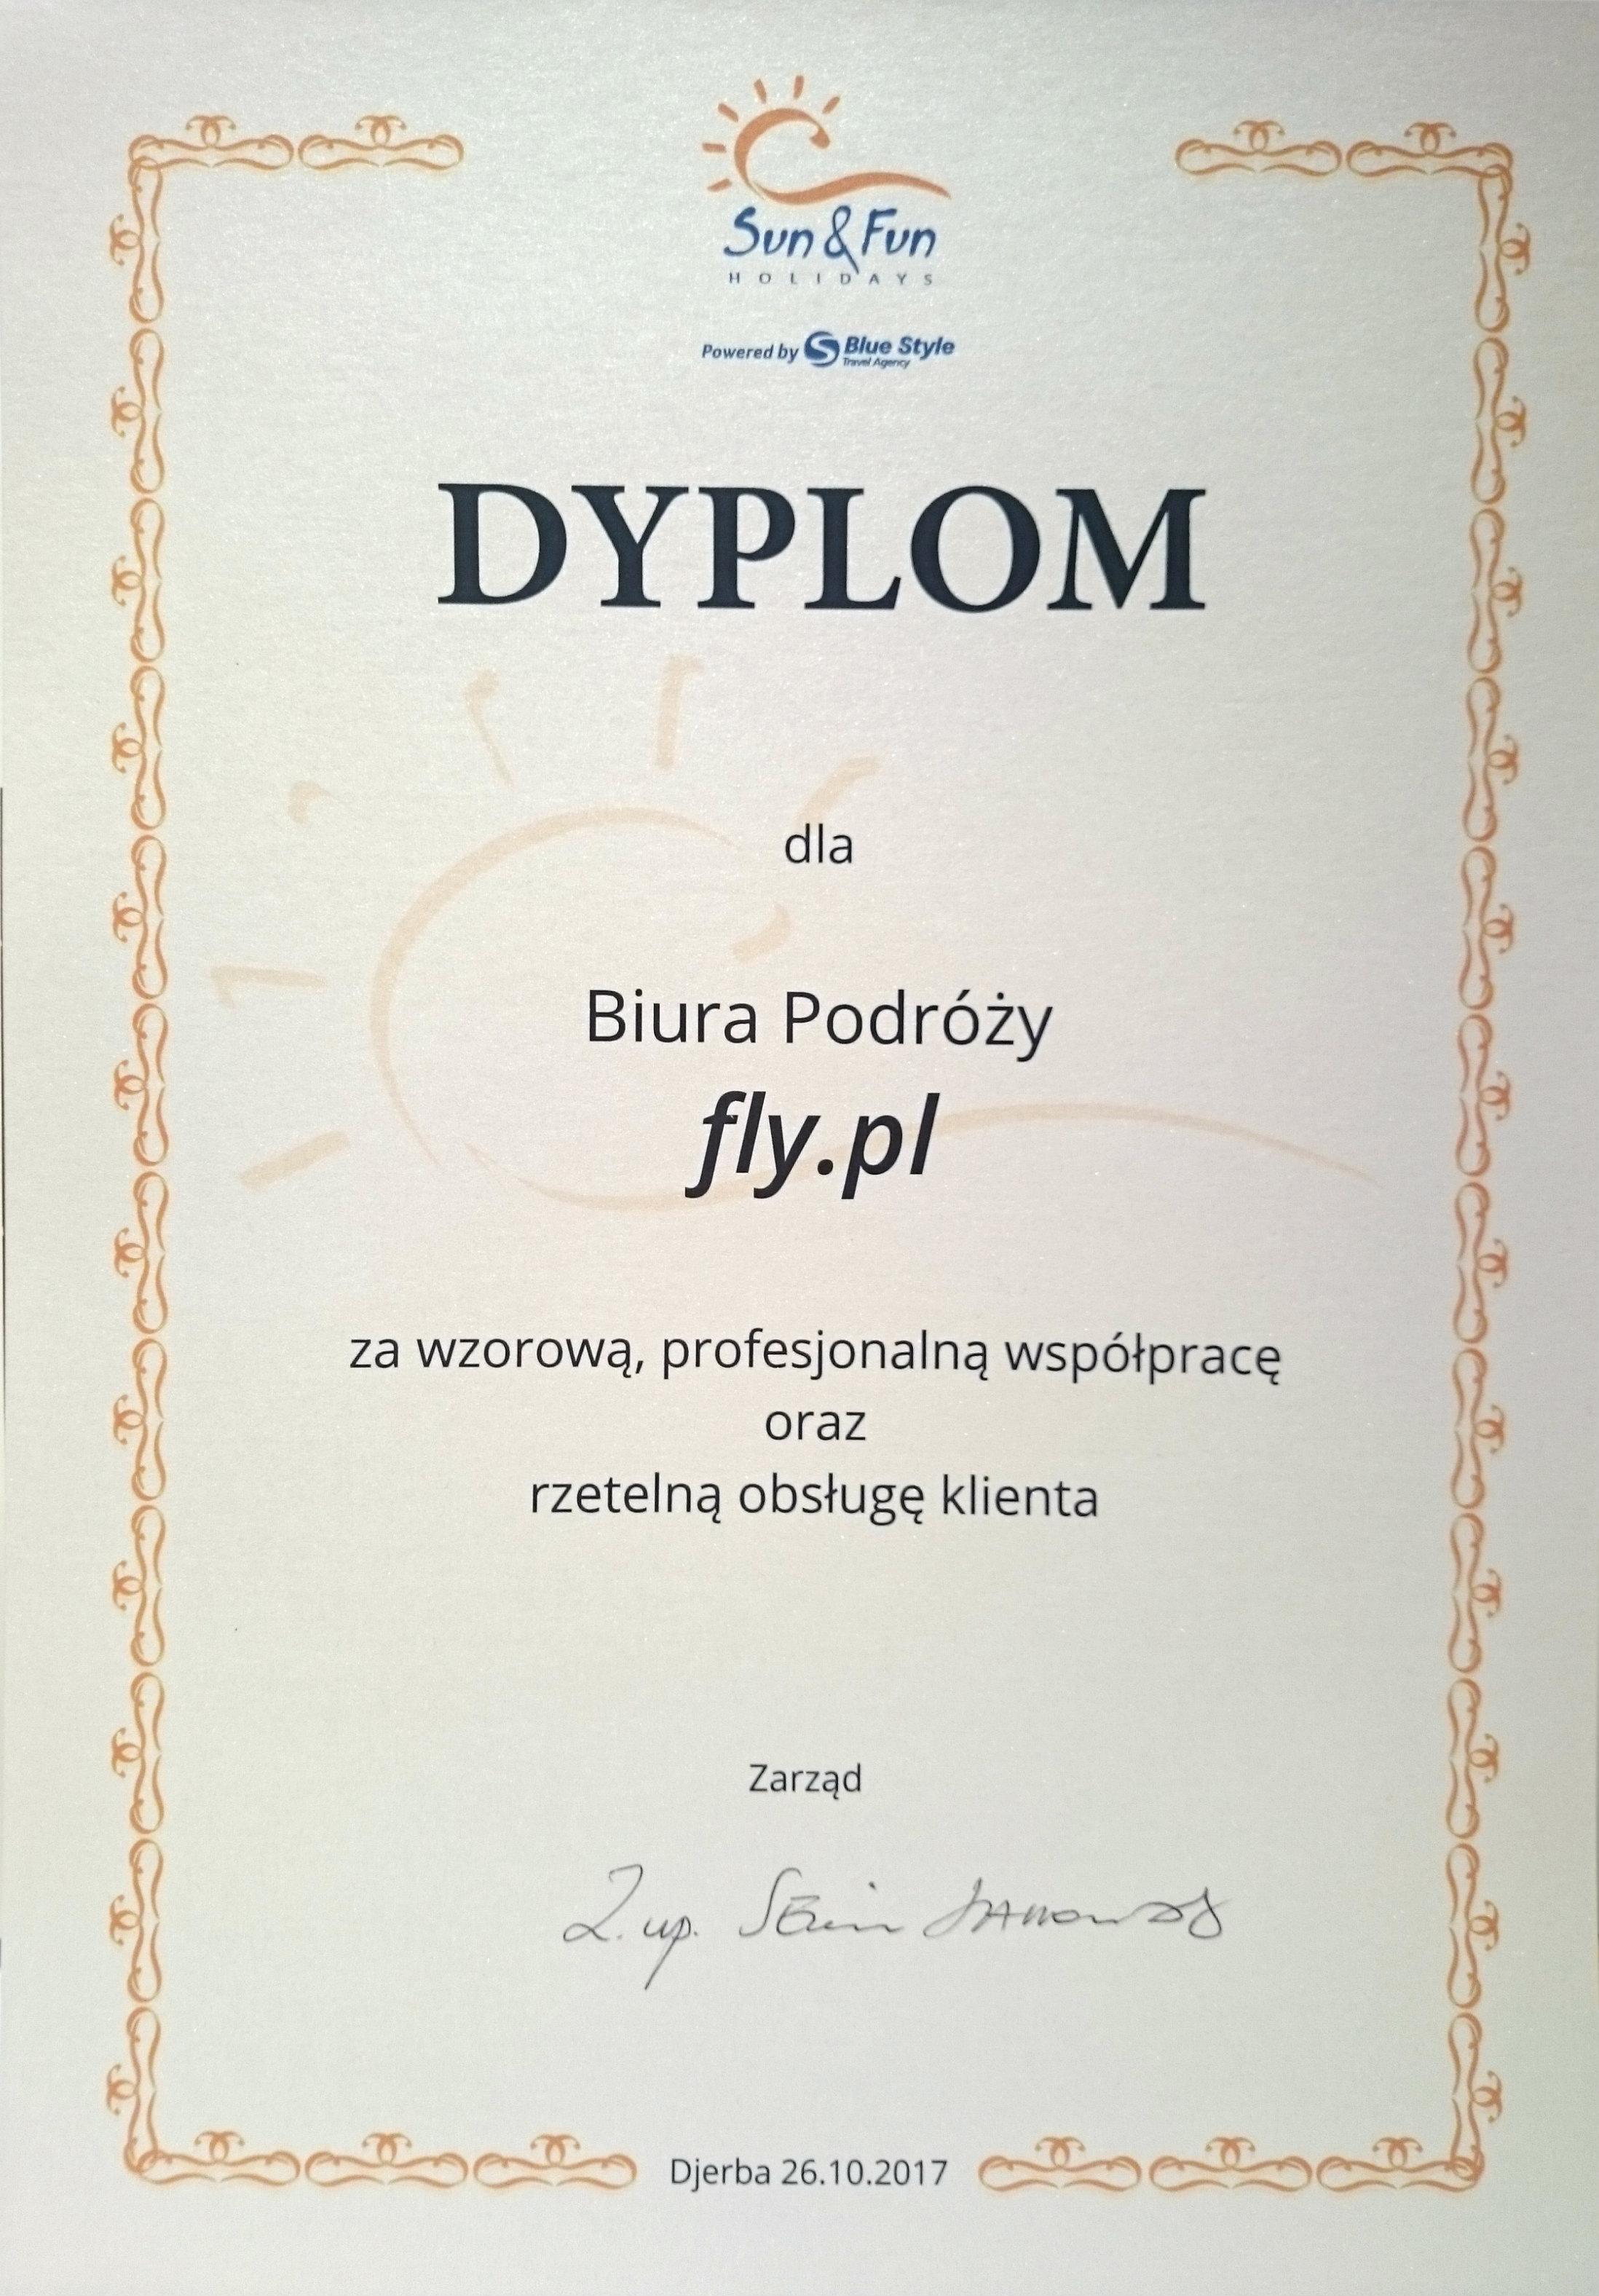 Dyplom za wzorową, profesjonalną współpracę oraz rzetelną obsługę klienta od Sun&Fun